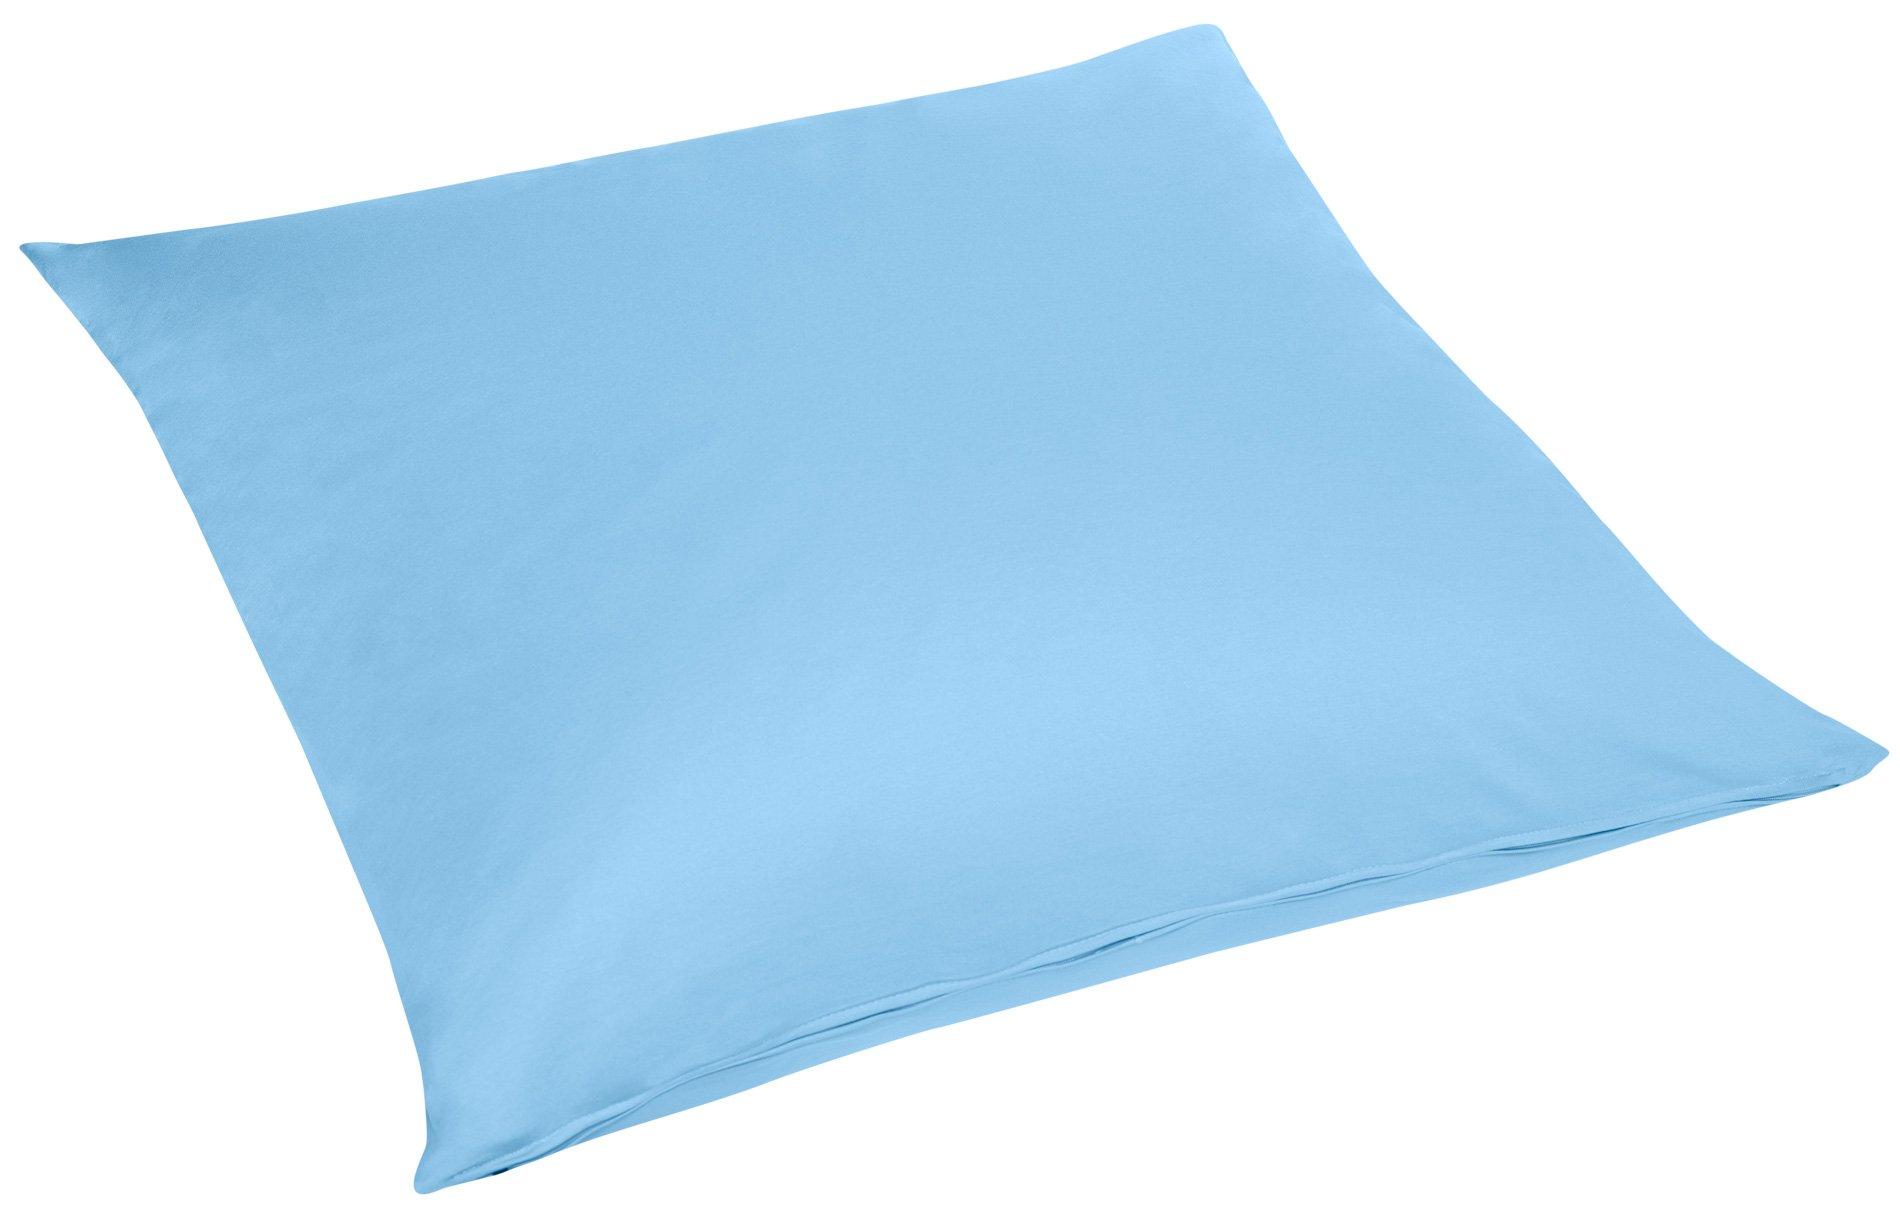 Edel-Zwirn-Jersey hellblau B80cm